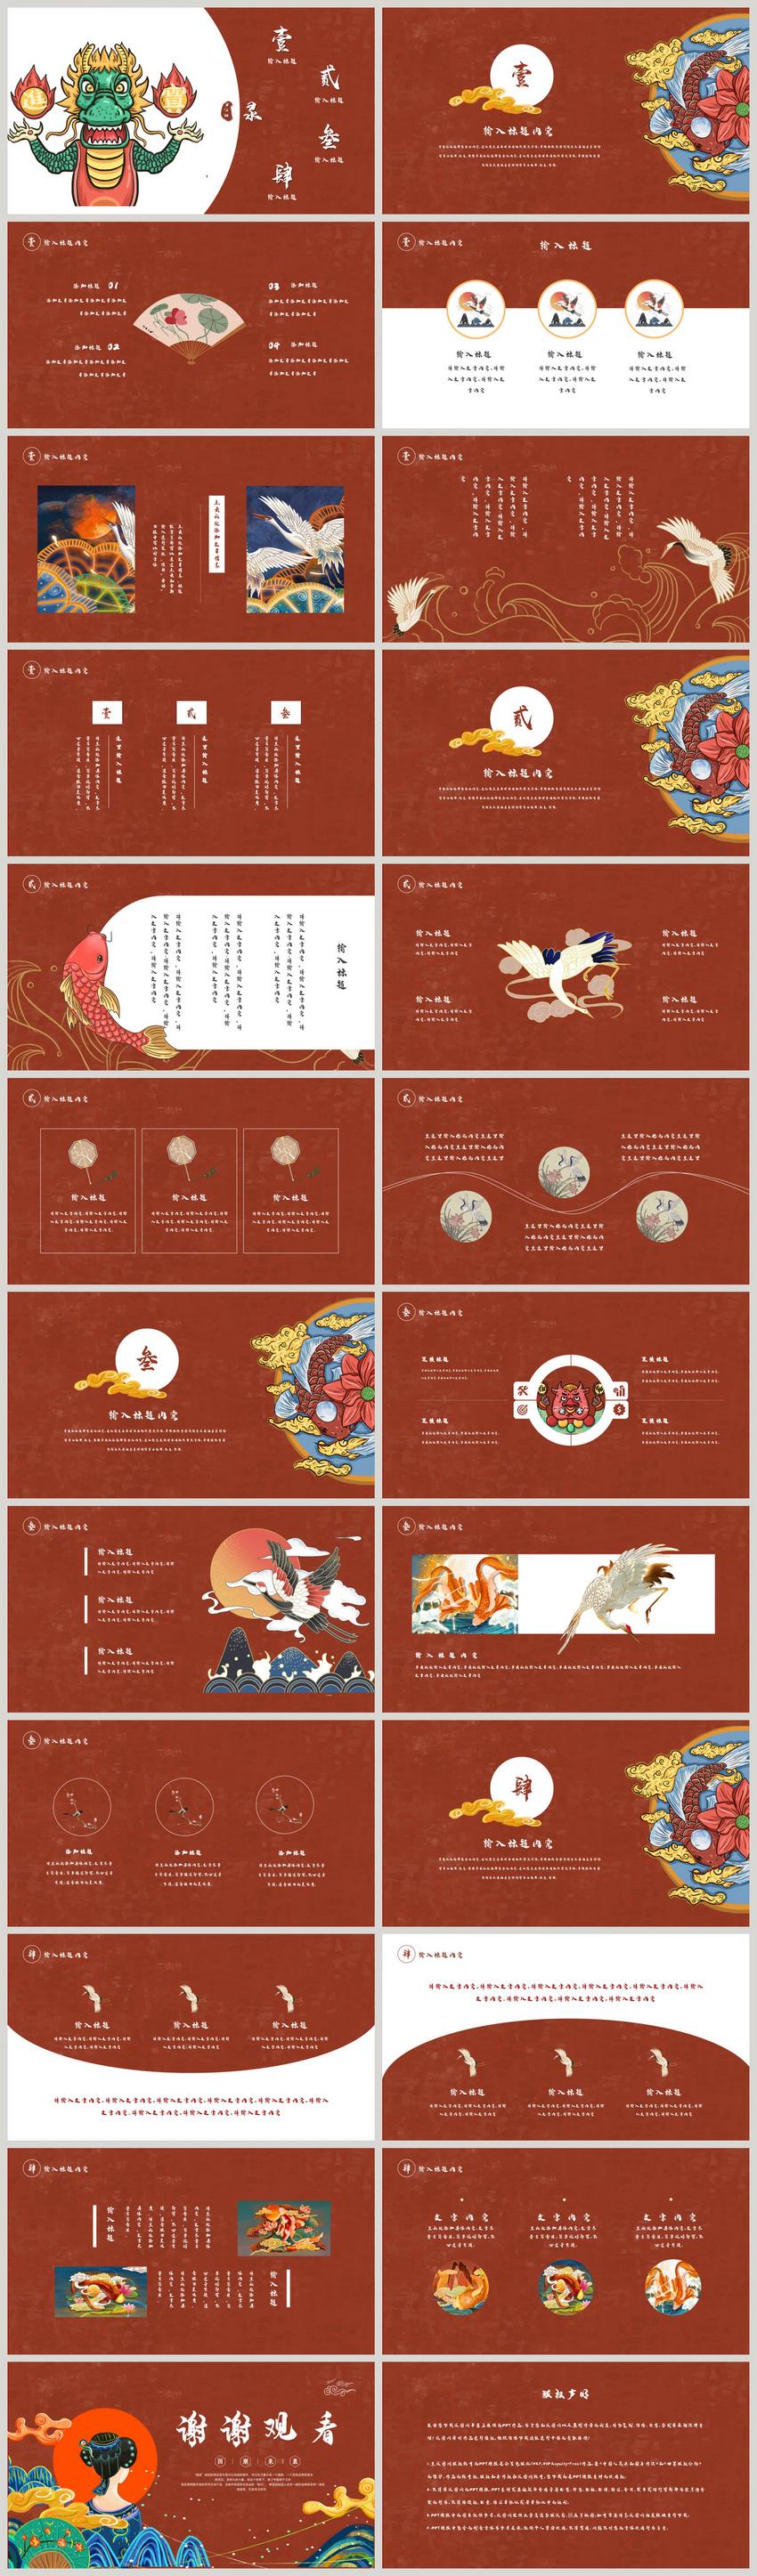 红色中国风ppt模板_红色中国风国潮来袭PPT模板图片-正版模板下载401645513-摄图网